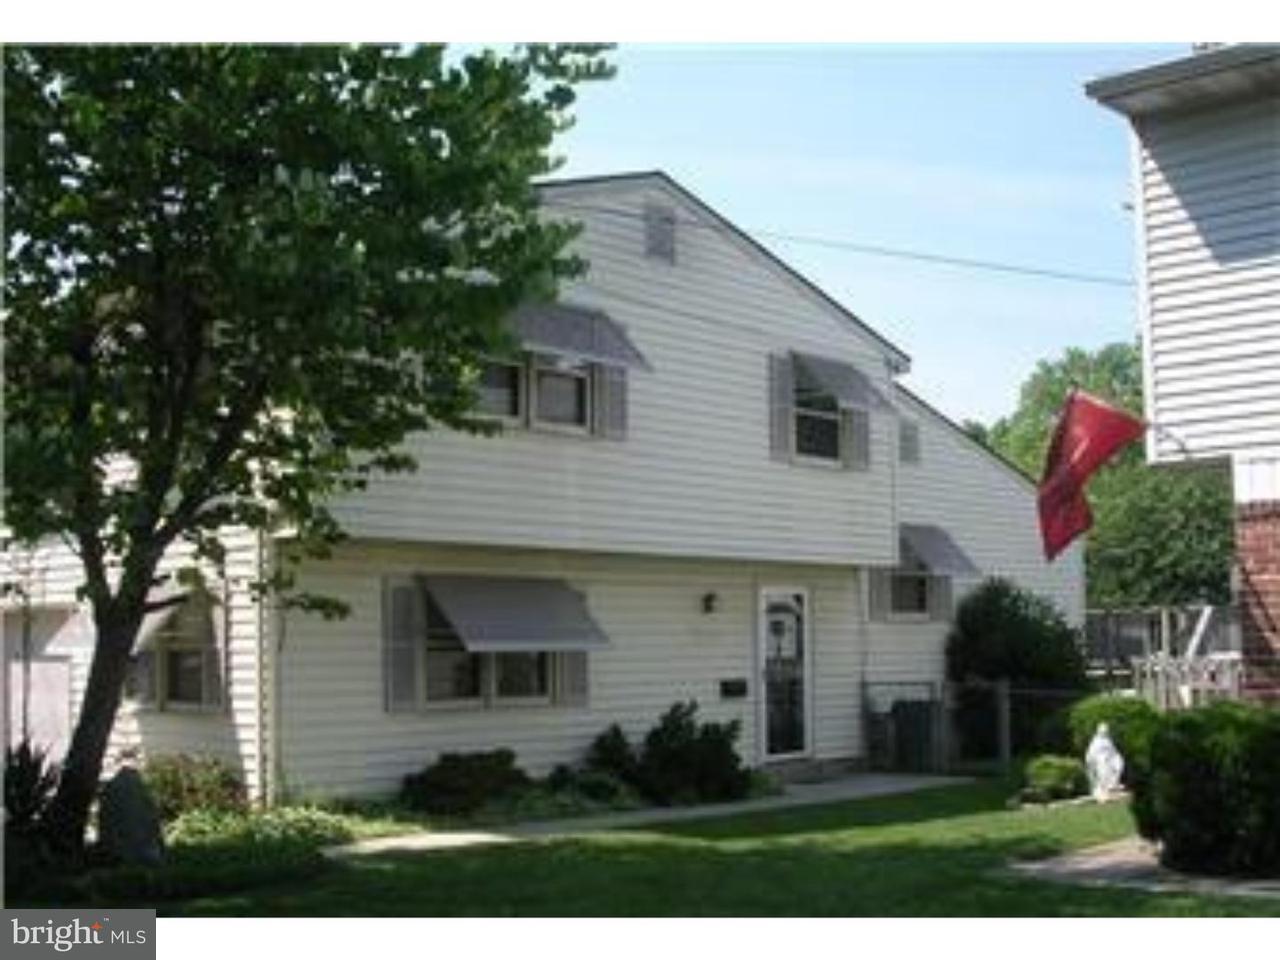 Casa unifamiliar adosada (Townhouse) por un Alquiler en 109 KENNEDY BLVD Bellmawr, Nueva Jersey 08031 Estados Unidos